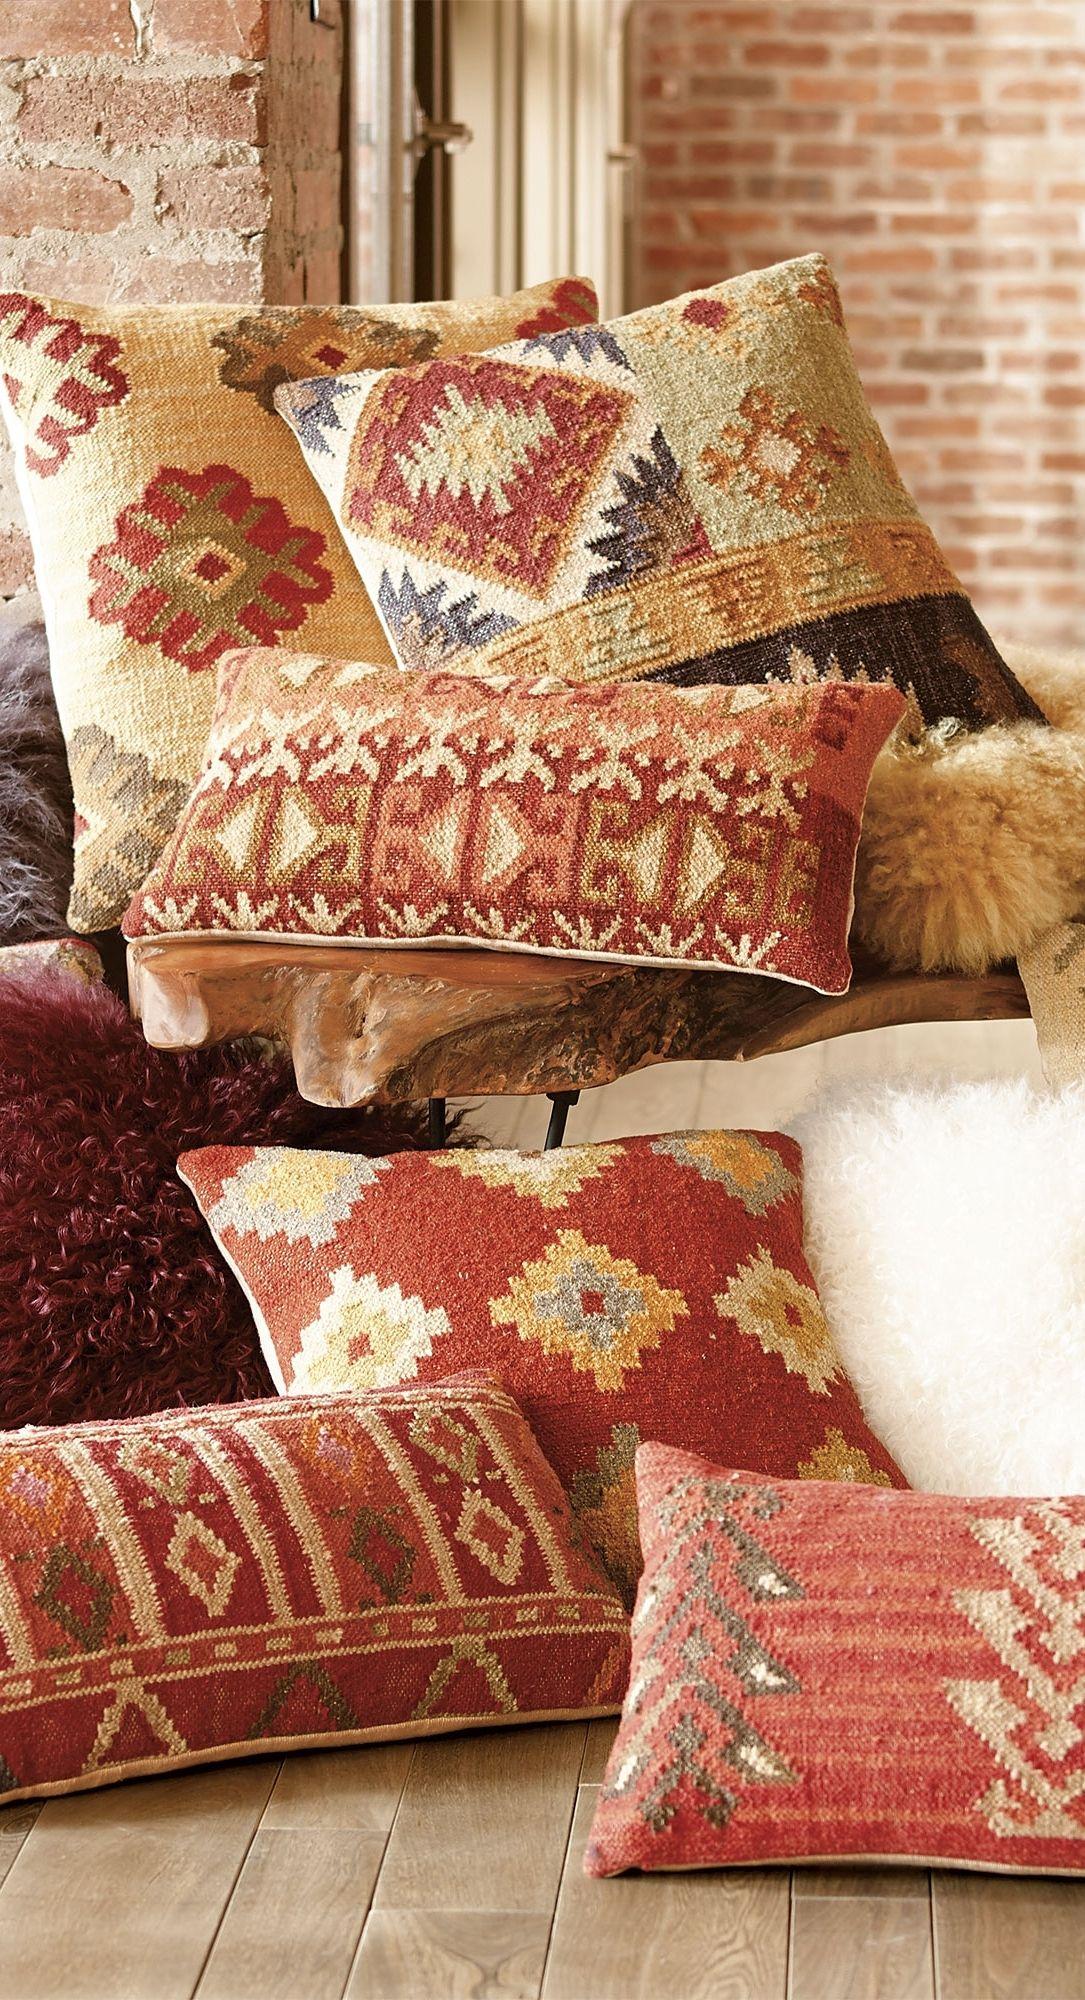 Beril kilim throw pillow more throw pillows ideas